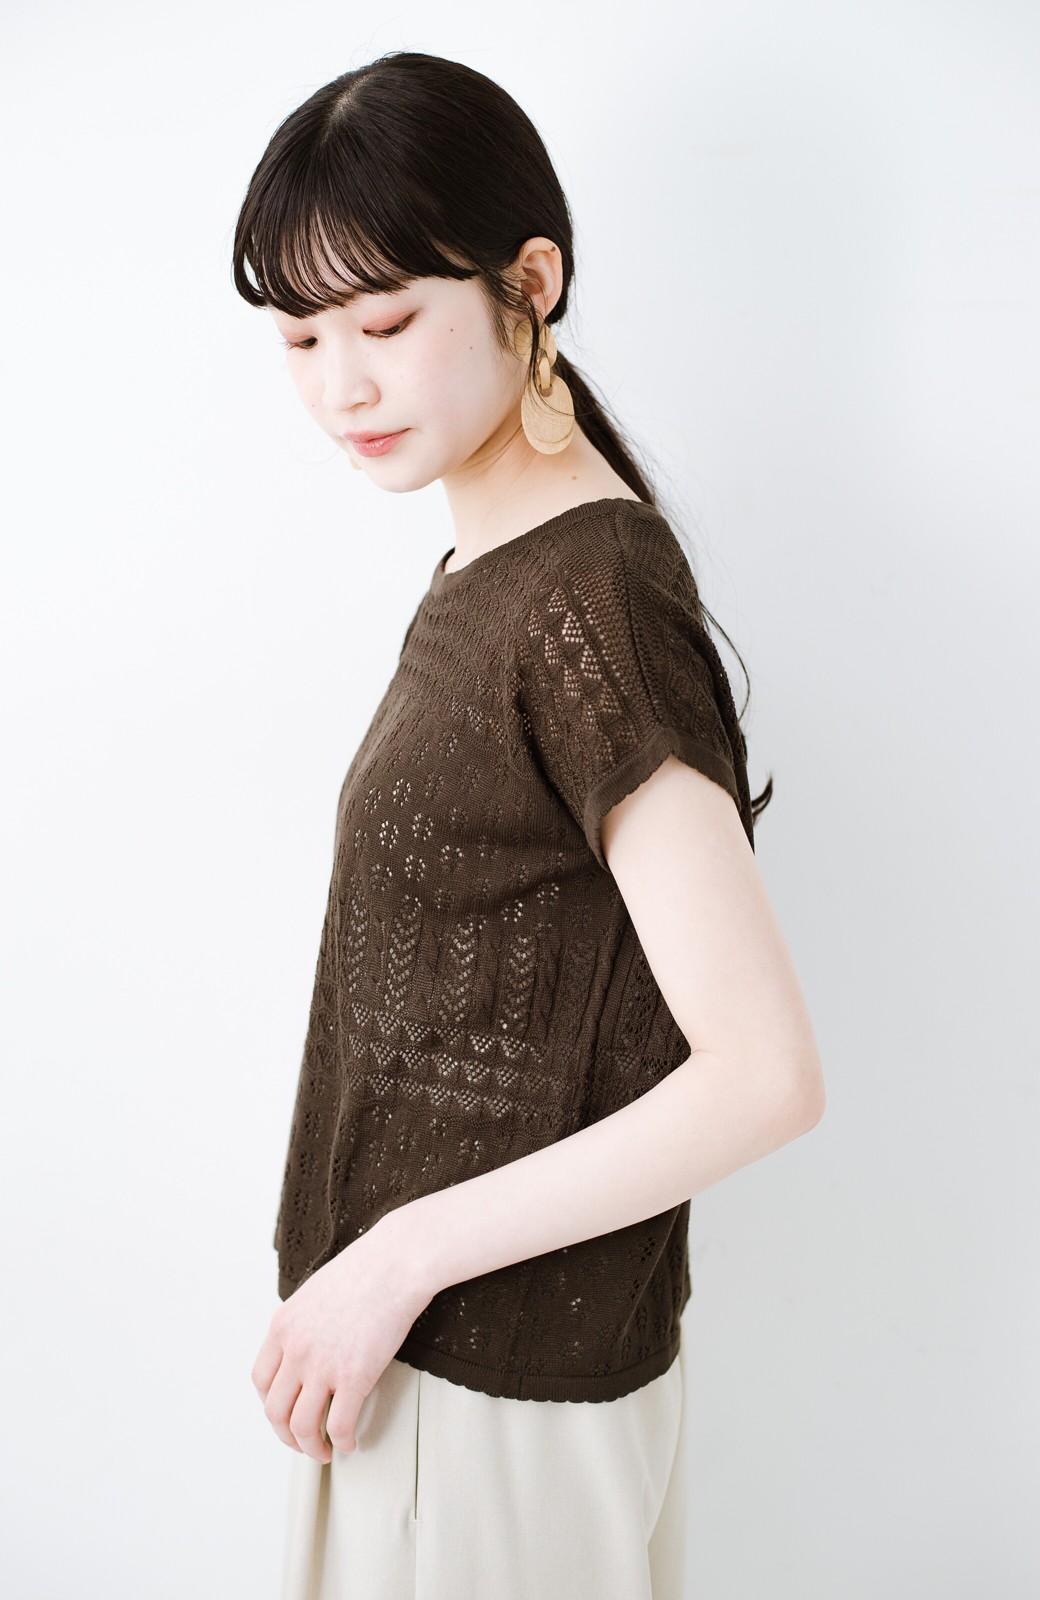 haco! 1枚でも重ね着にも便利なヘビロテしたくなる透かし編みニットトップス <チョコ>の商品写真12